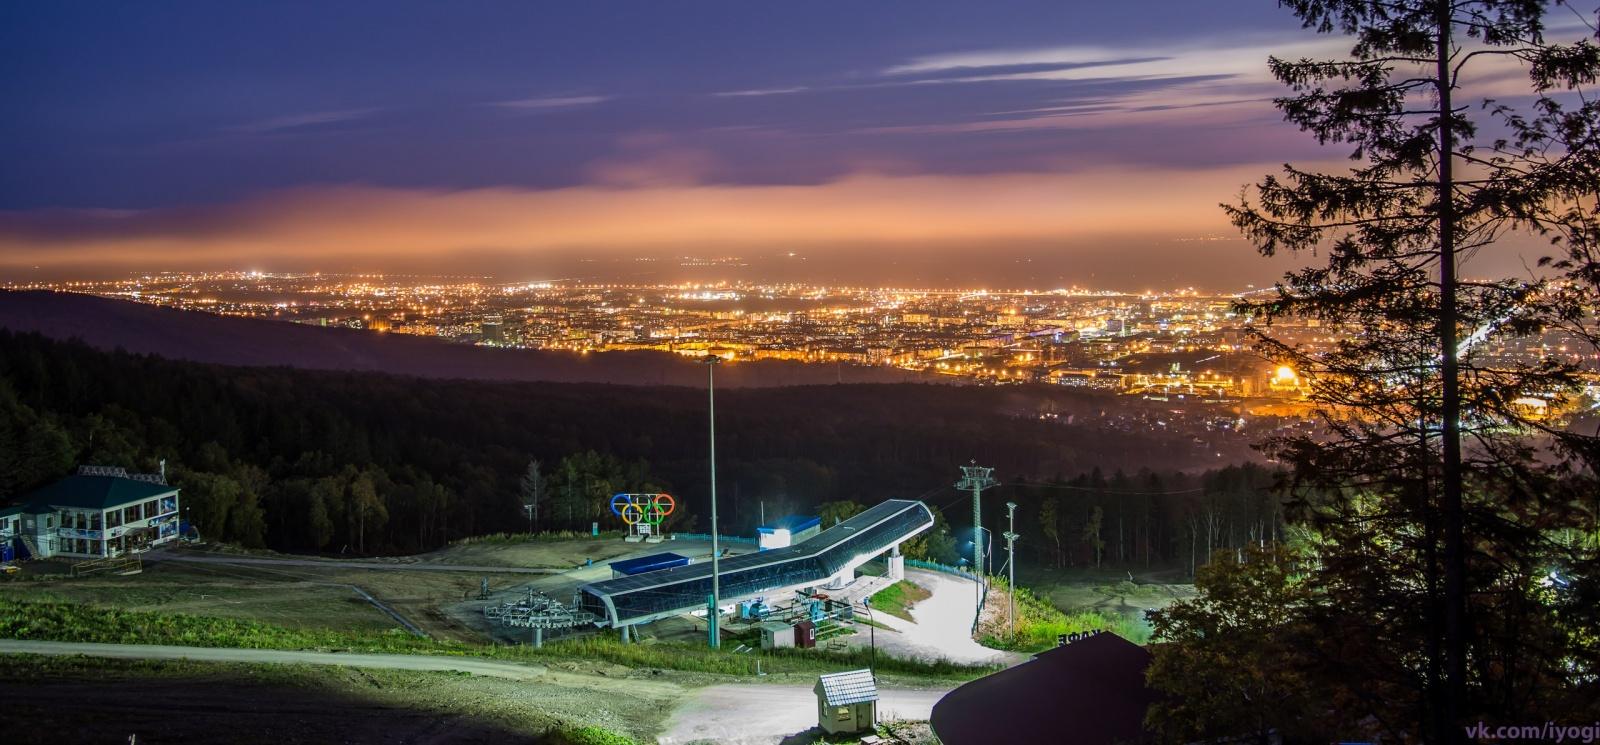 Работа IT-специалистом на Дальнем Востоке — Сахалинская область - 5